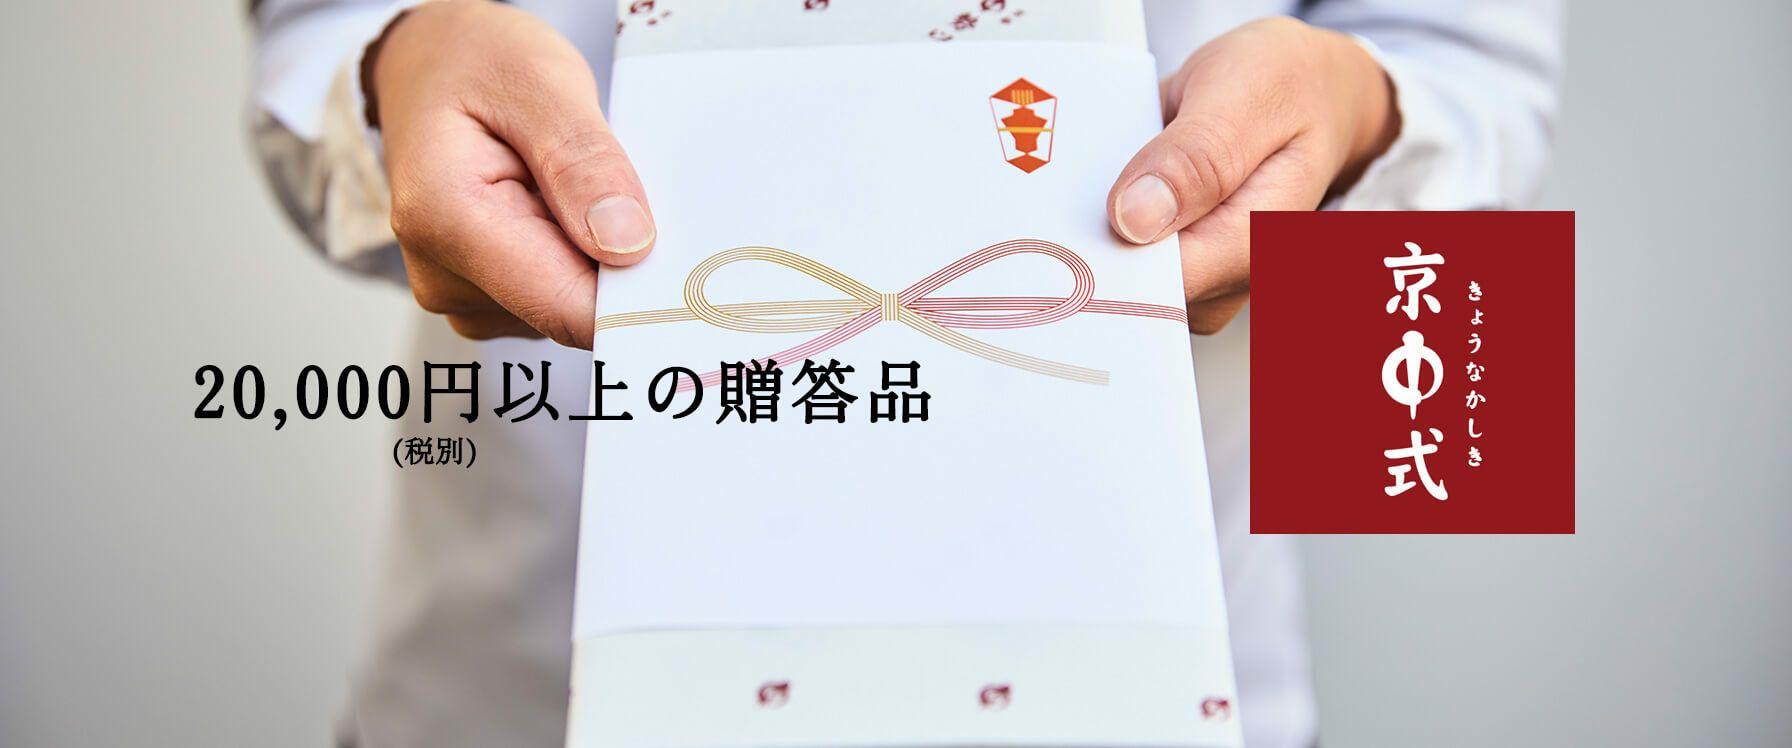 20,000円~の贈答品